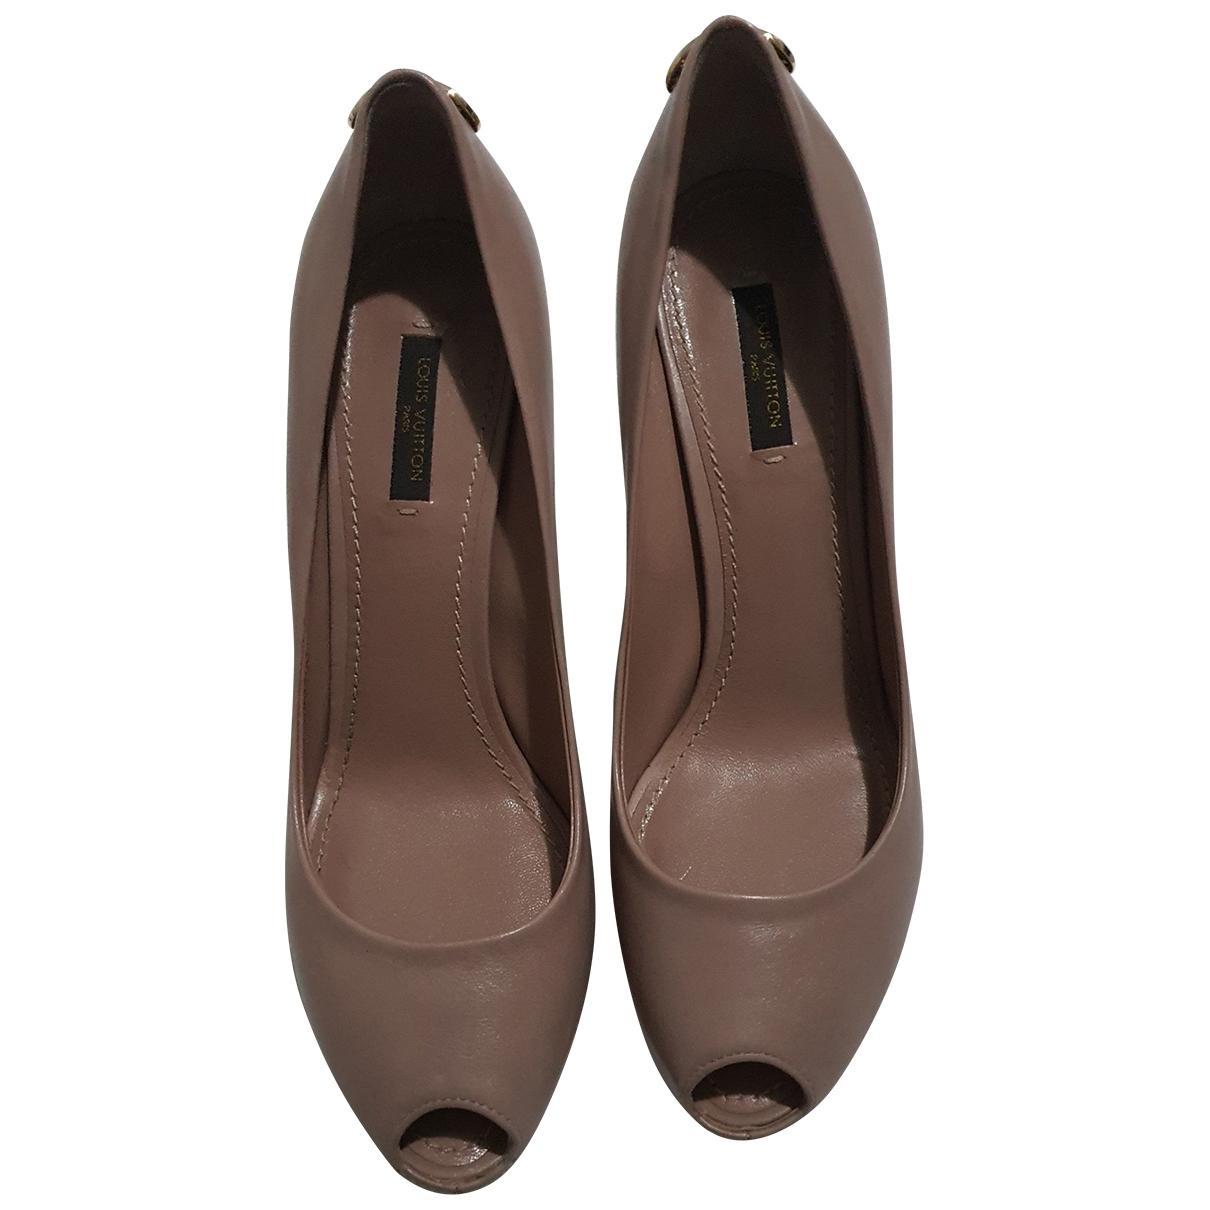 Louis Vuitton \N Beige Leather Heels for Women 38.5 EU